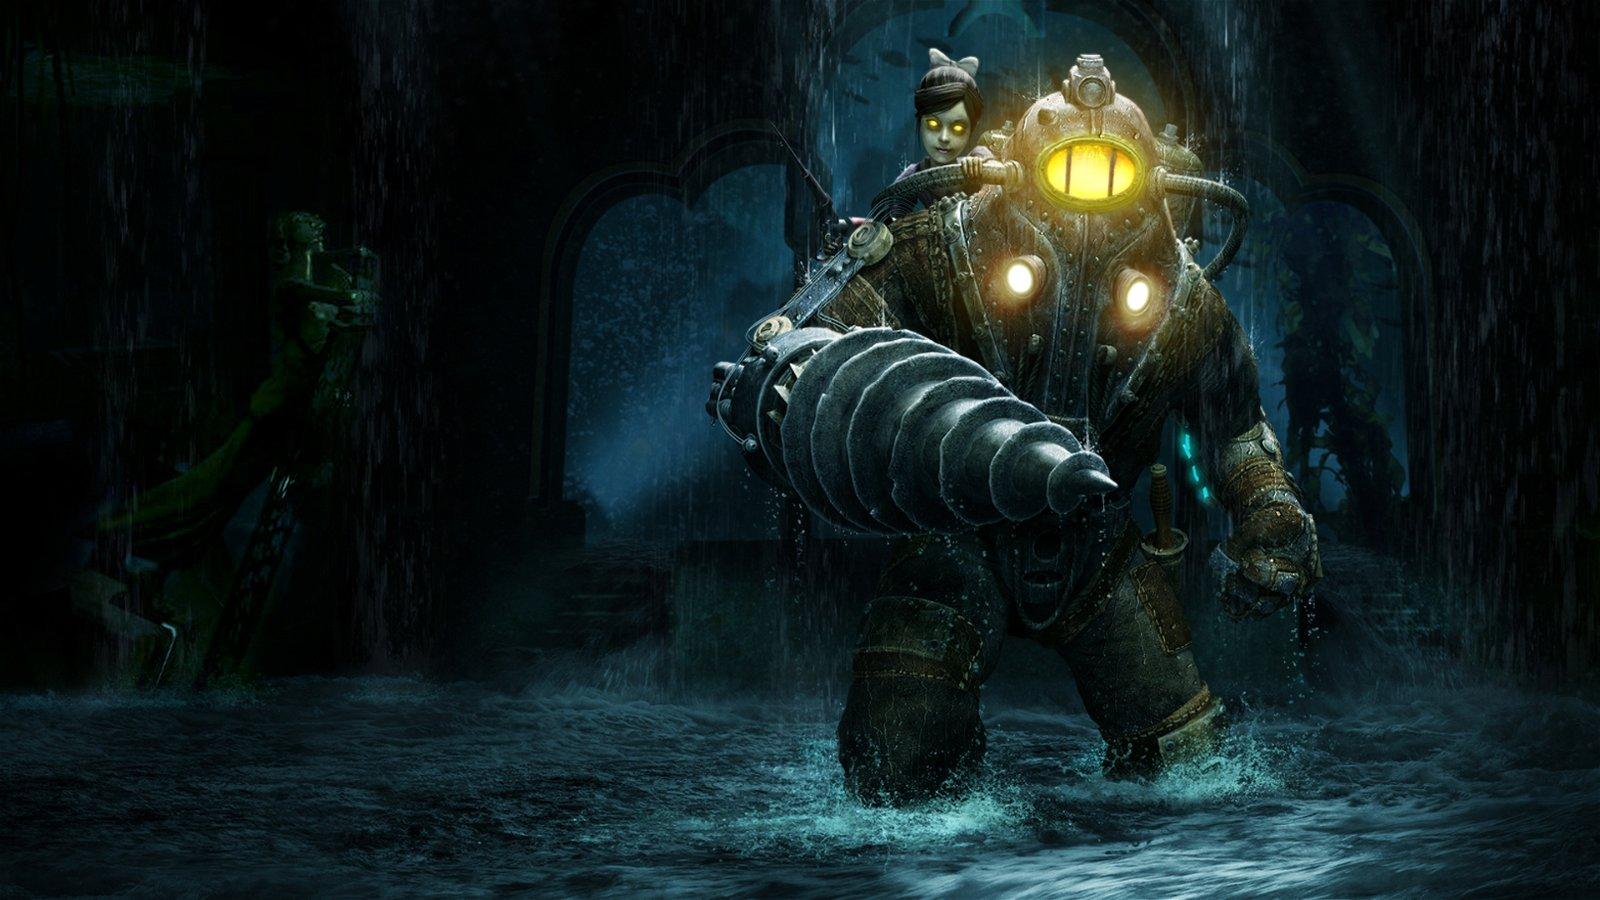 Report: 2K Reviving BioShock